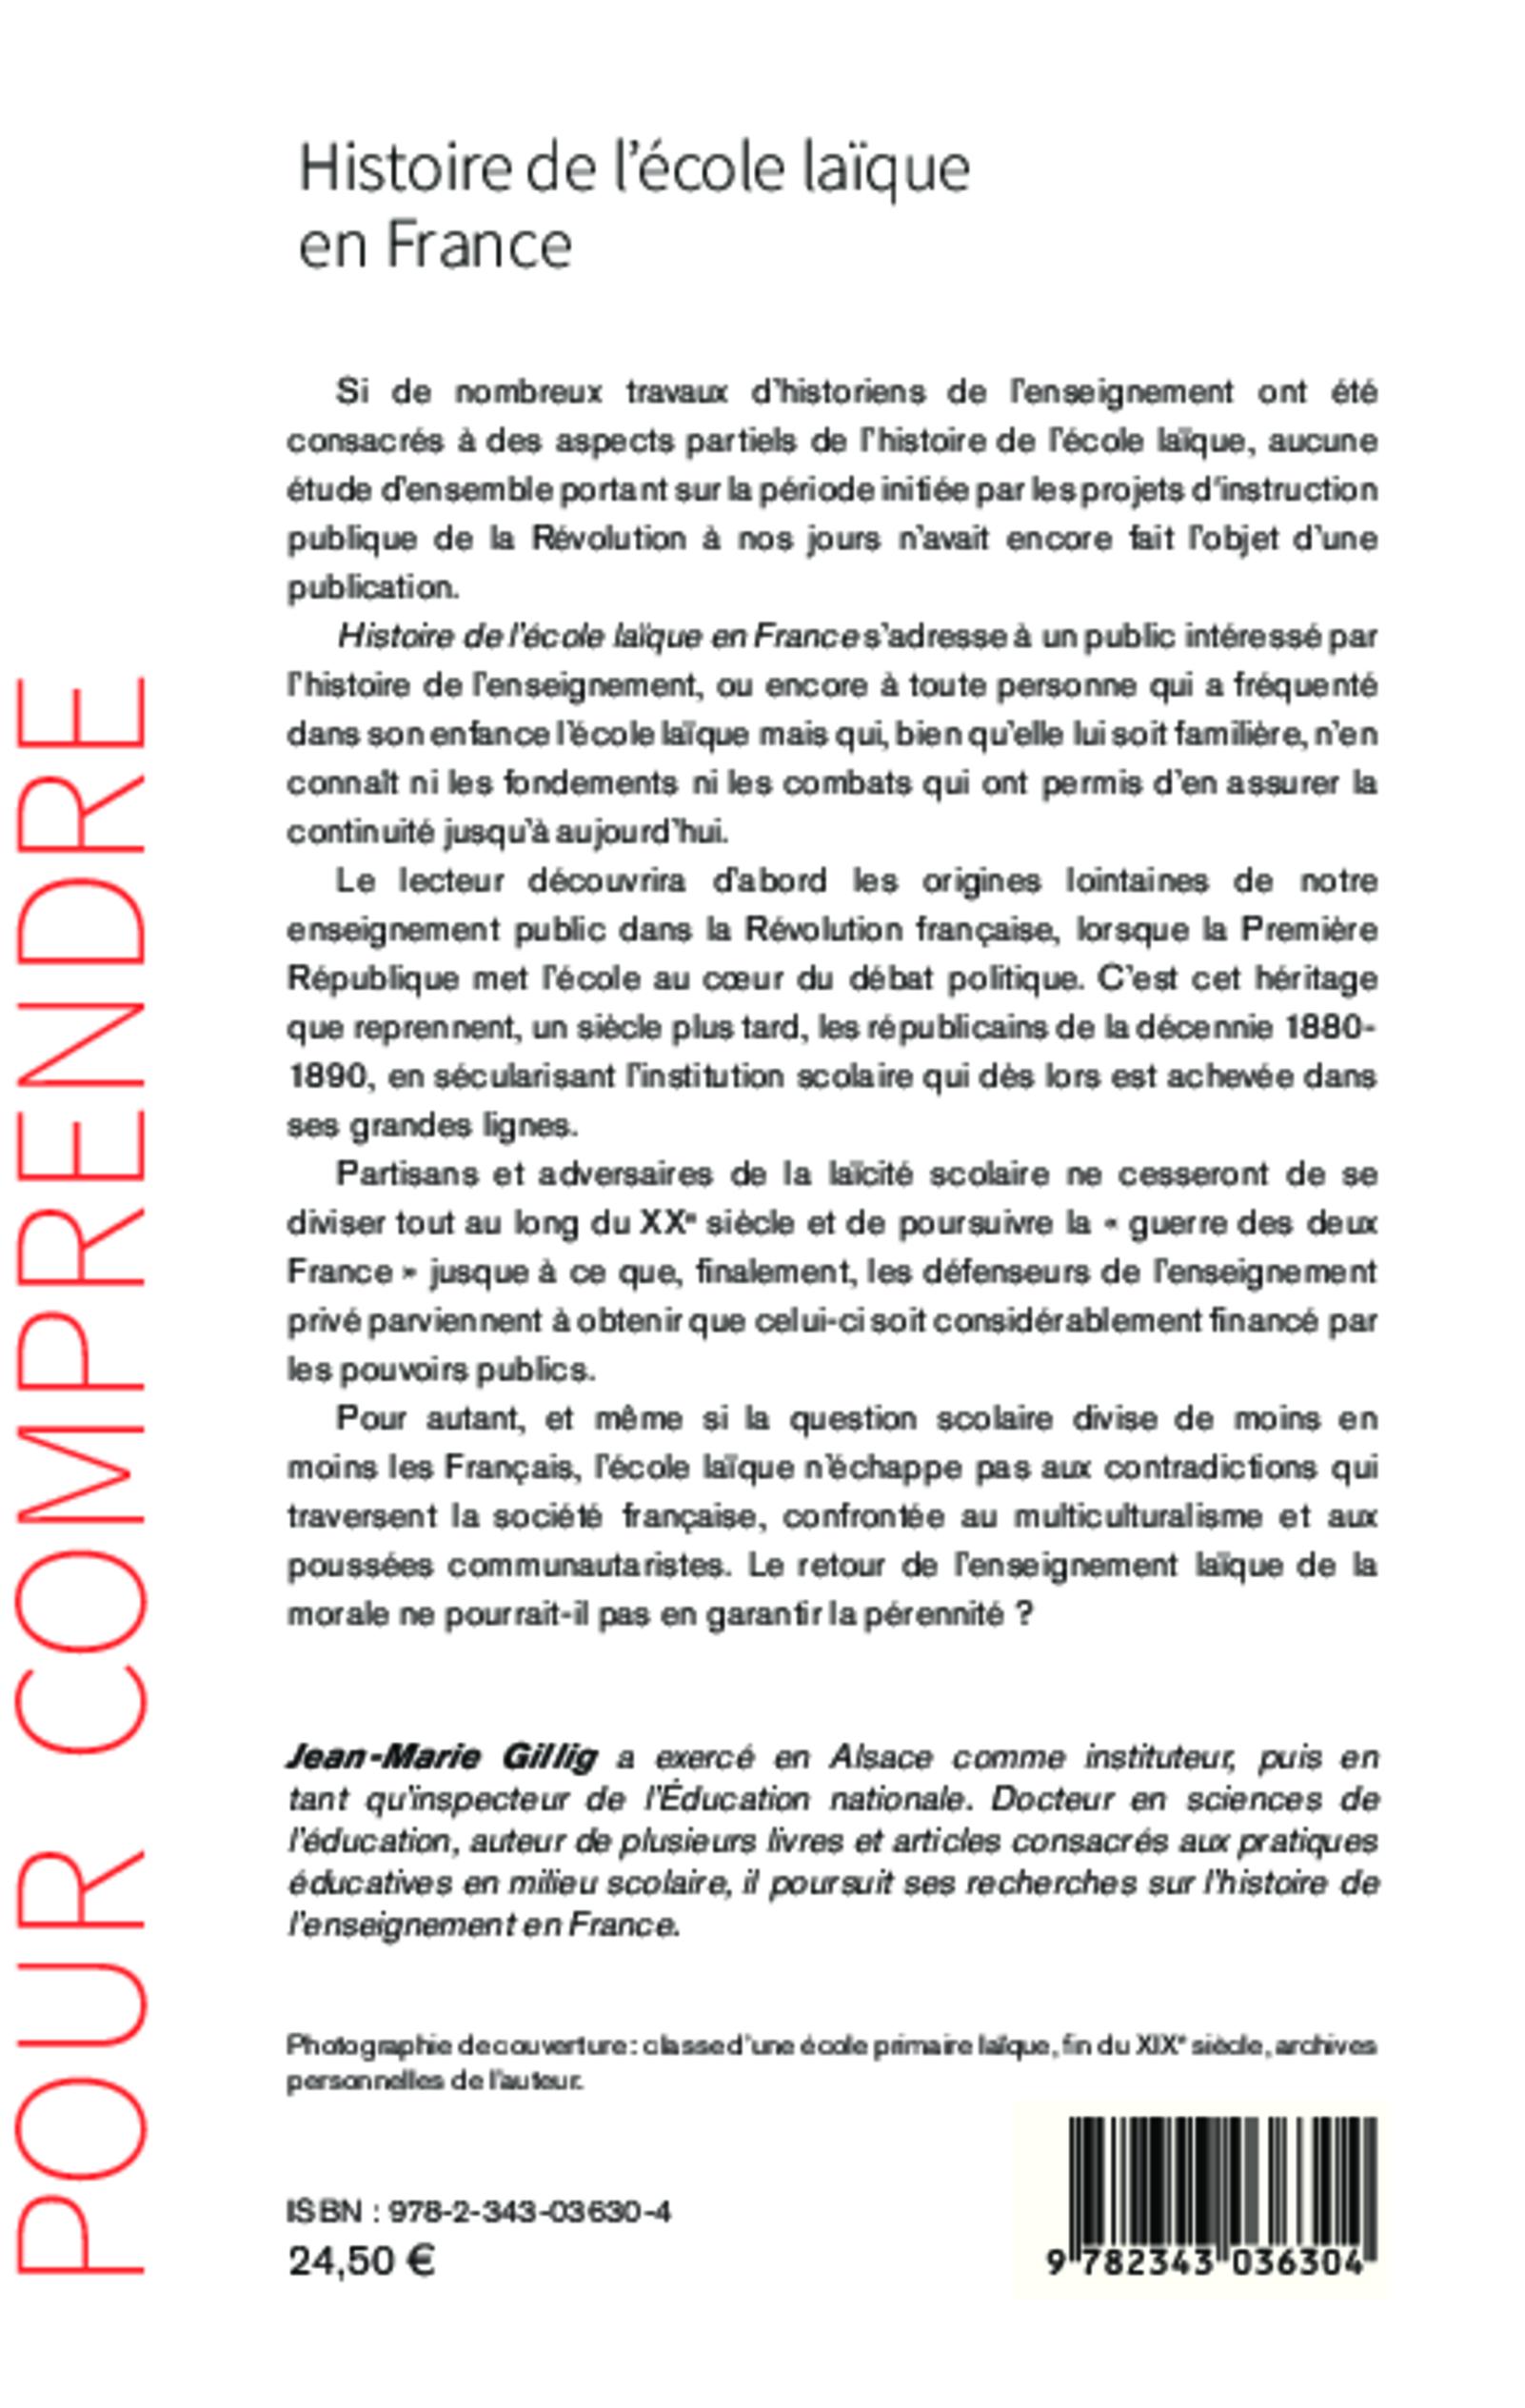 HISTOIRE DE L'ÉCOLE LAÏQUE EN FRANCE, JeanMarie Gillig